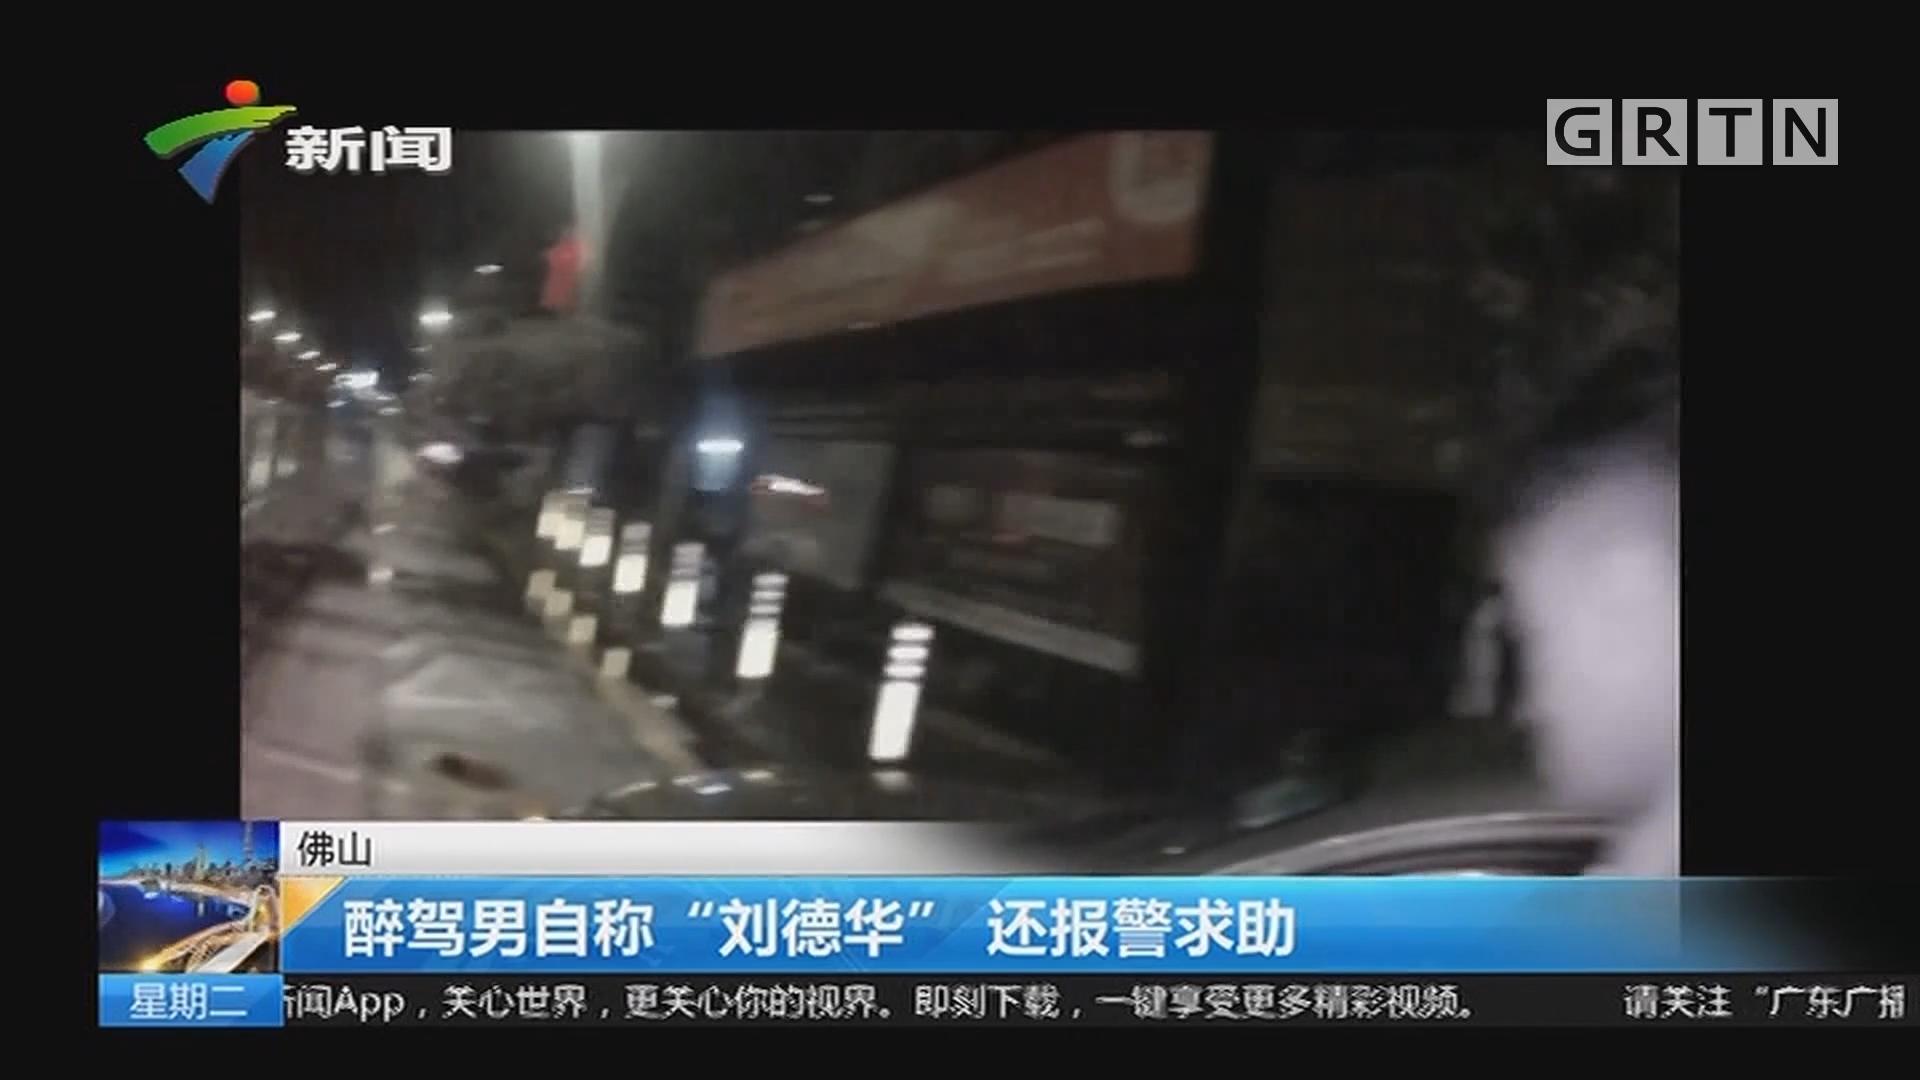 """佛山:醉驾男自称""""刘德华"""" 还报警求助"""